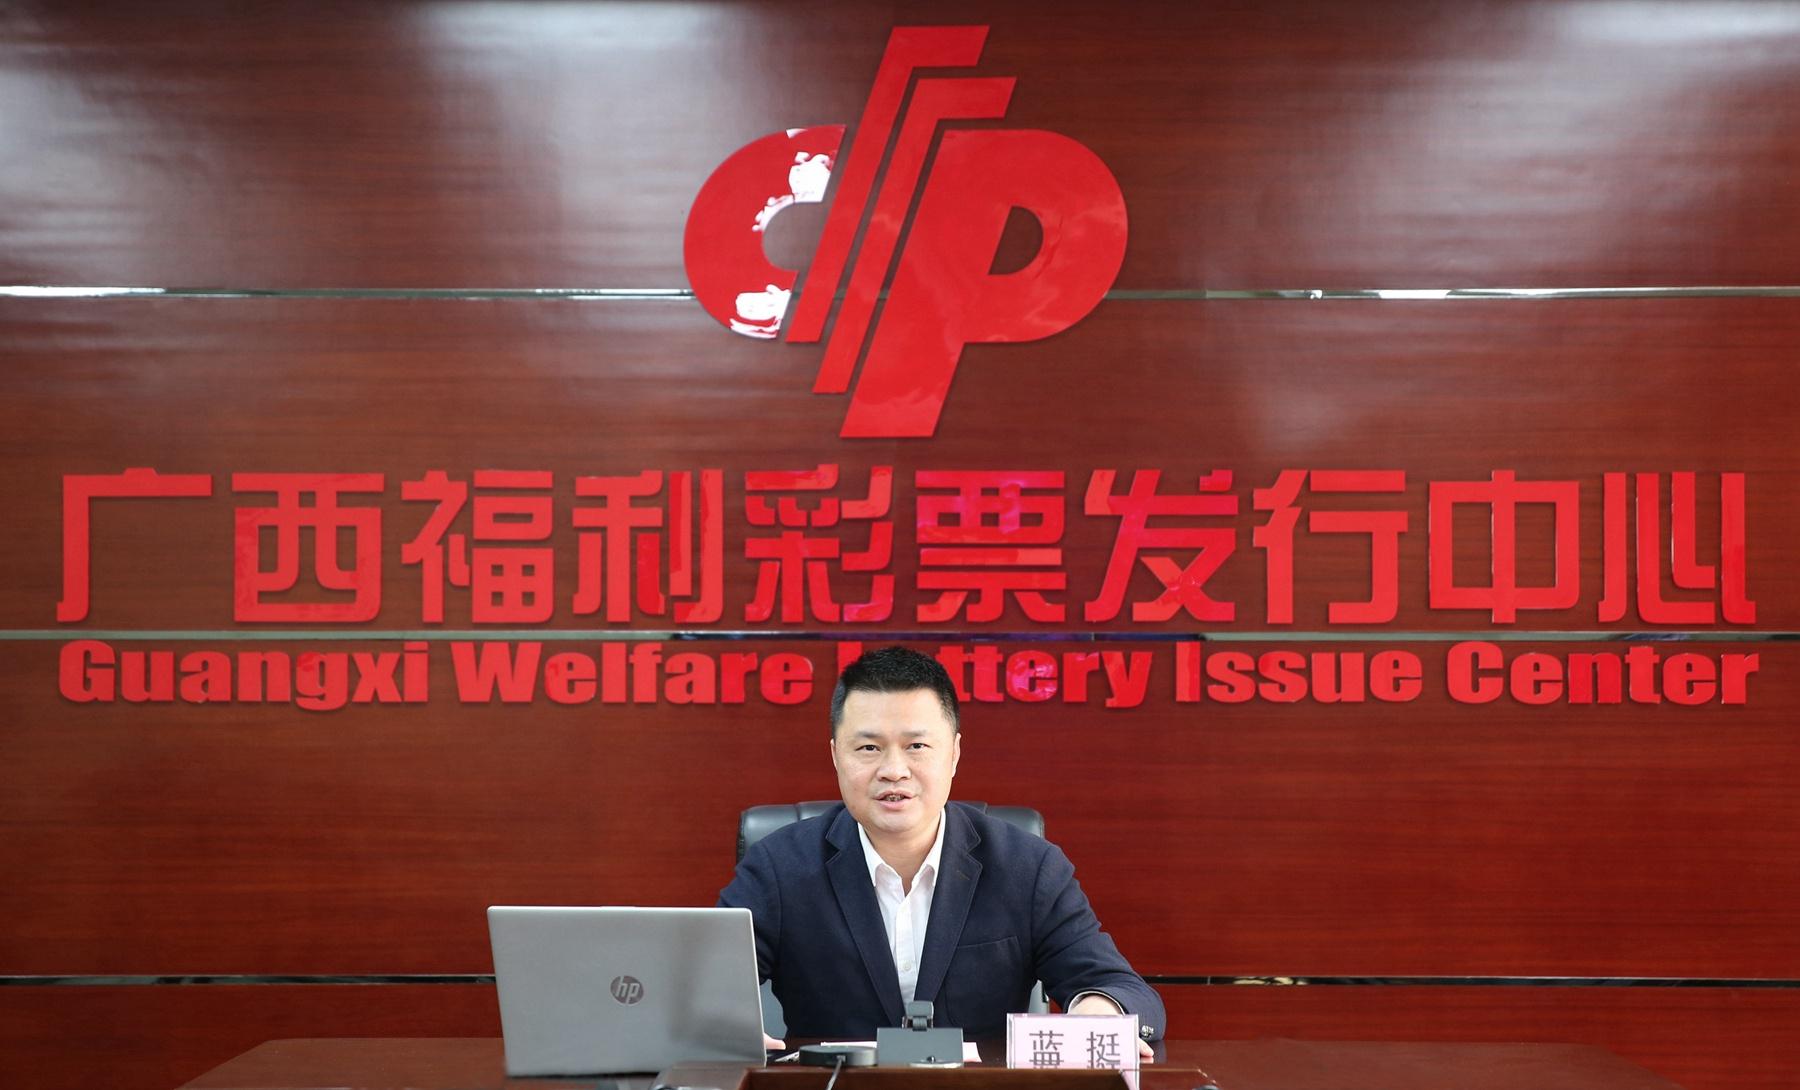 广西福利彩票发行中心主任、党总支部书记蓝挺网络直播贺新春